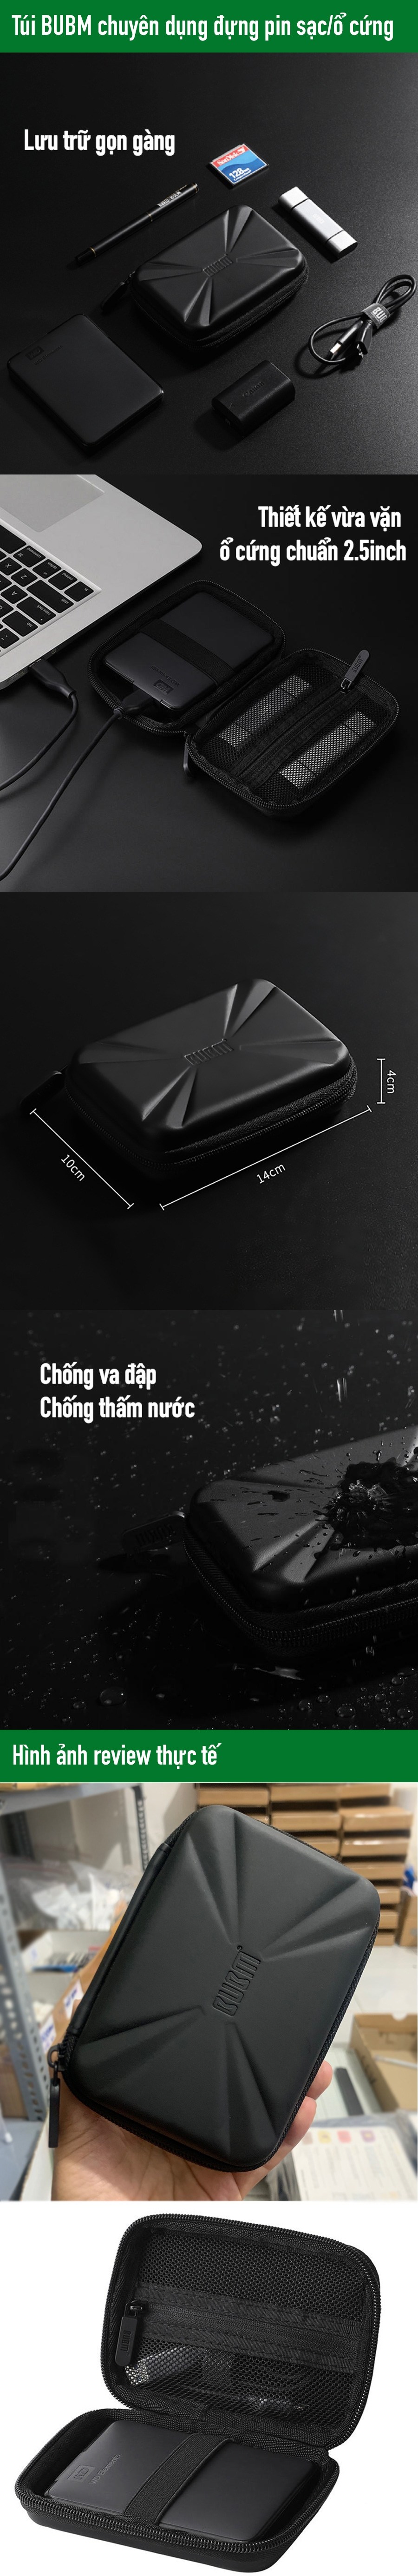 hộp túi phụ kiện công nghệ chuyên nghiệp BUBM hàng cao cấp chính hãng - phukienmini.vn